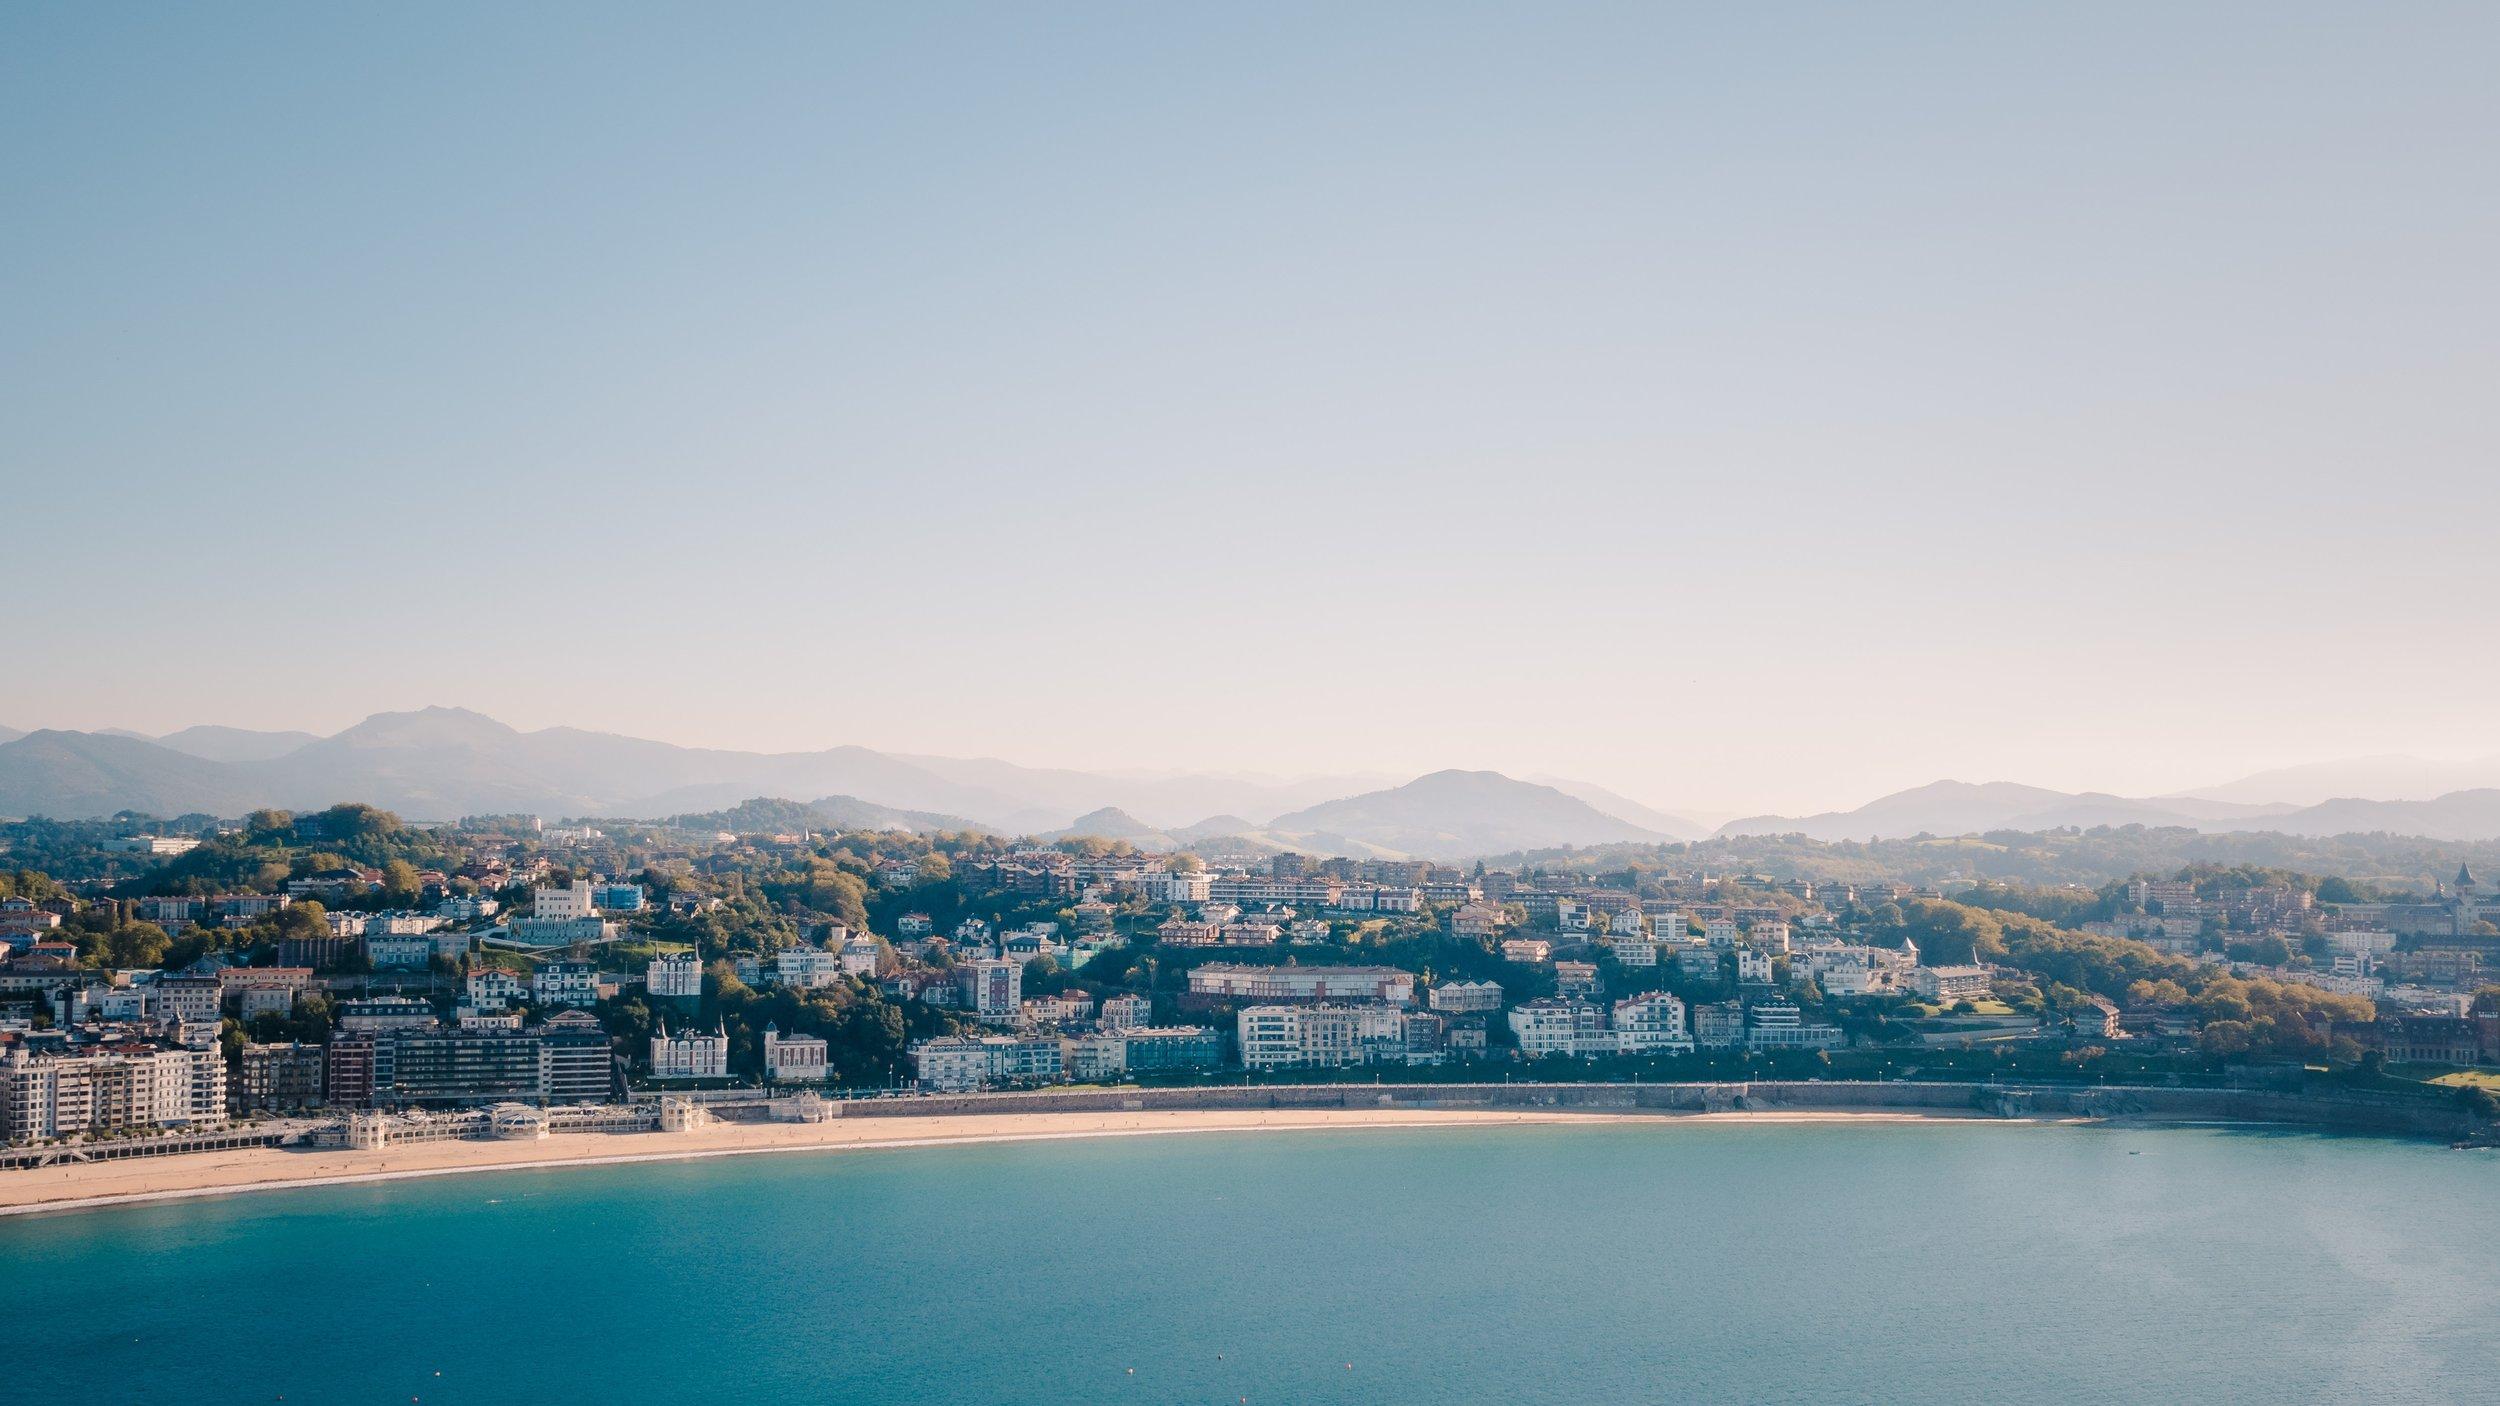 Taken from Monte Urgull in San Sebastián, Spain on October 9, 2017.